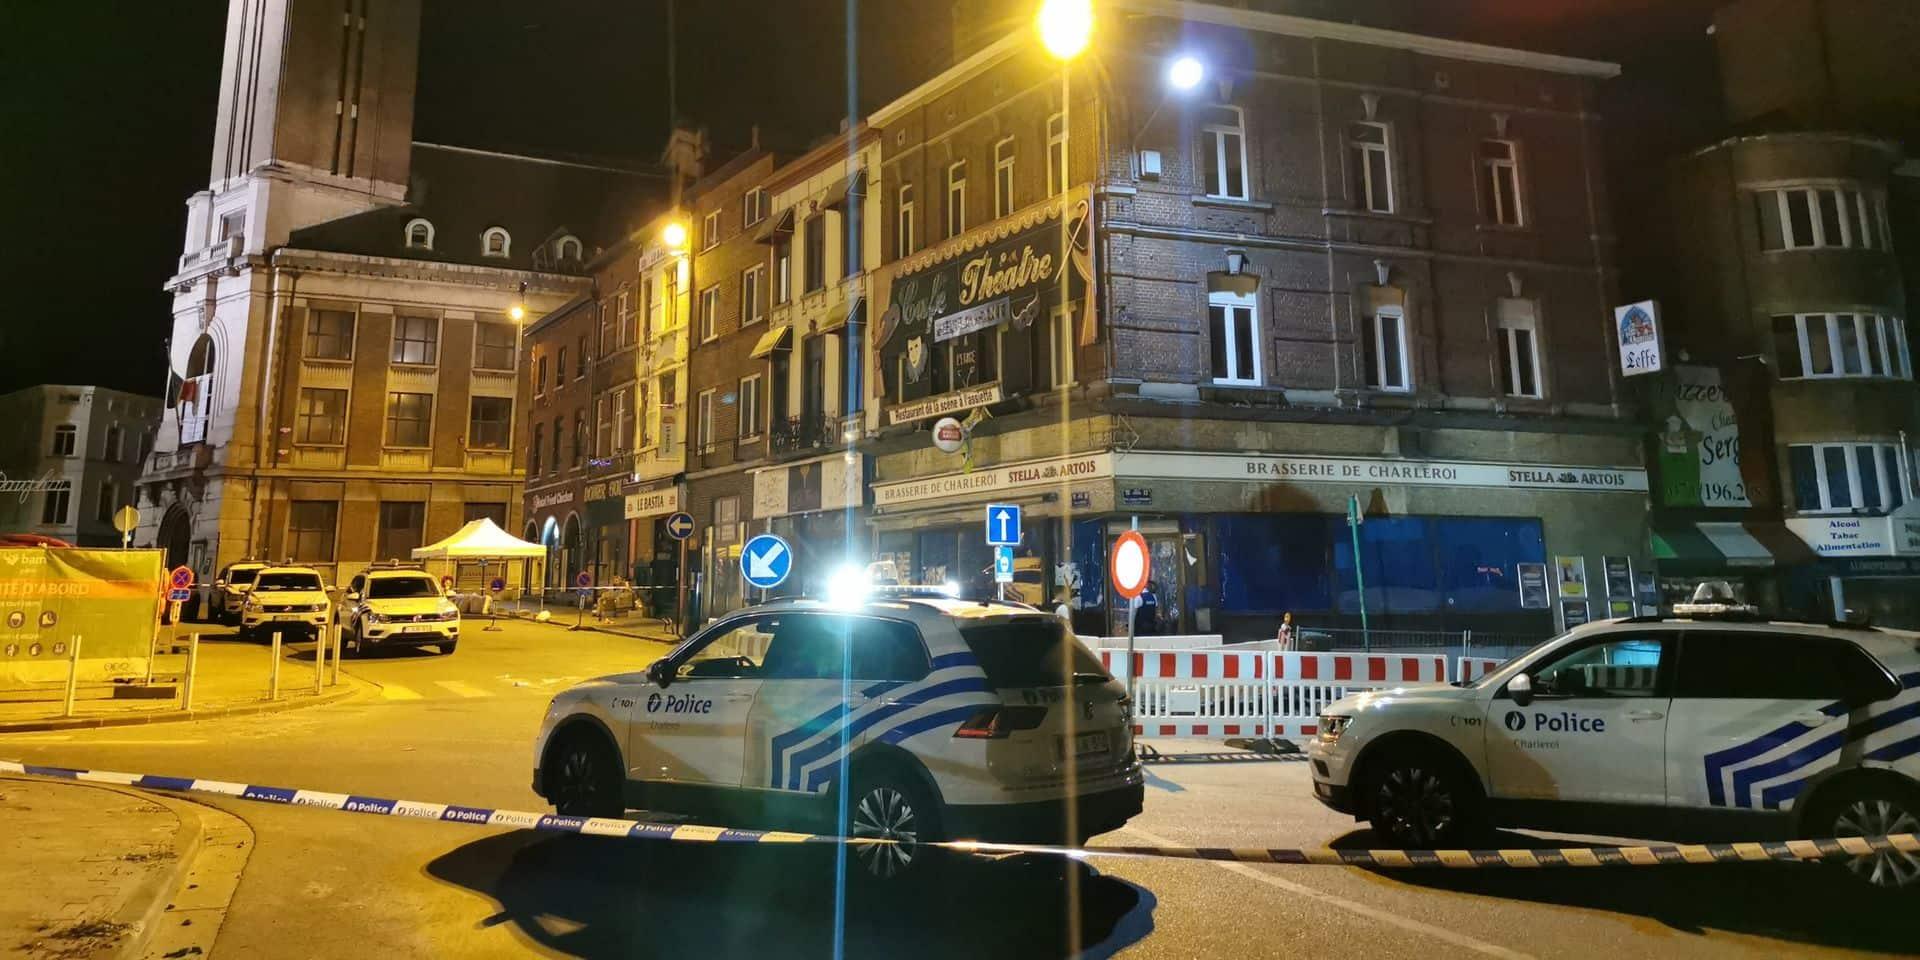 La victime de la fusillade sur le boulevard Janson venait de commettre un vol avec violence